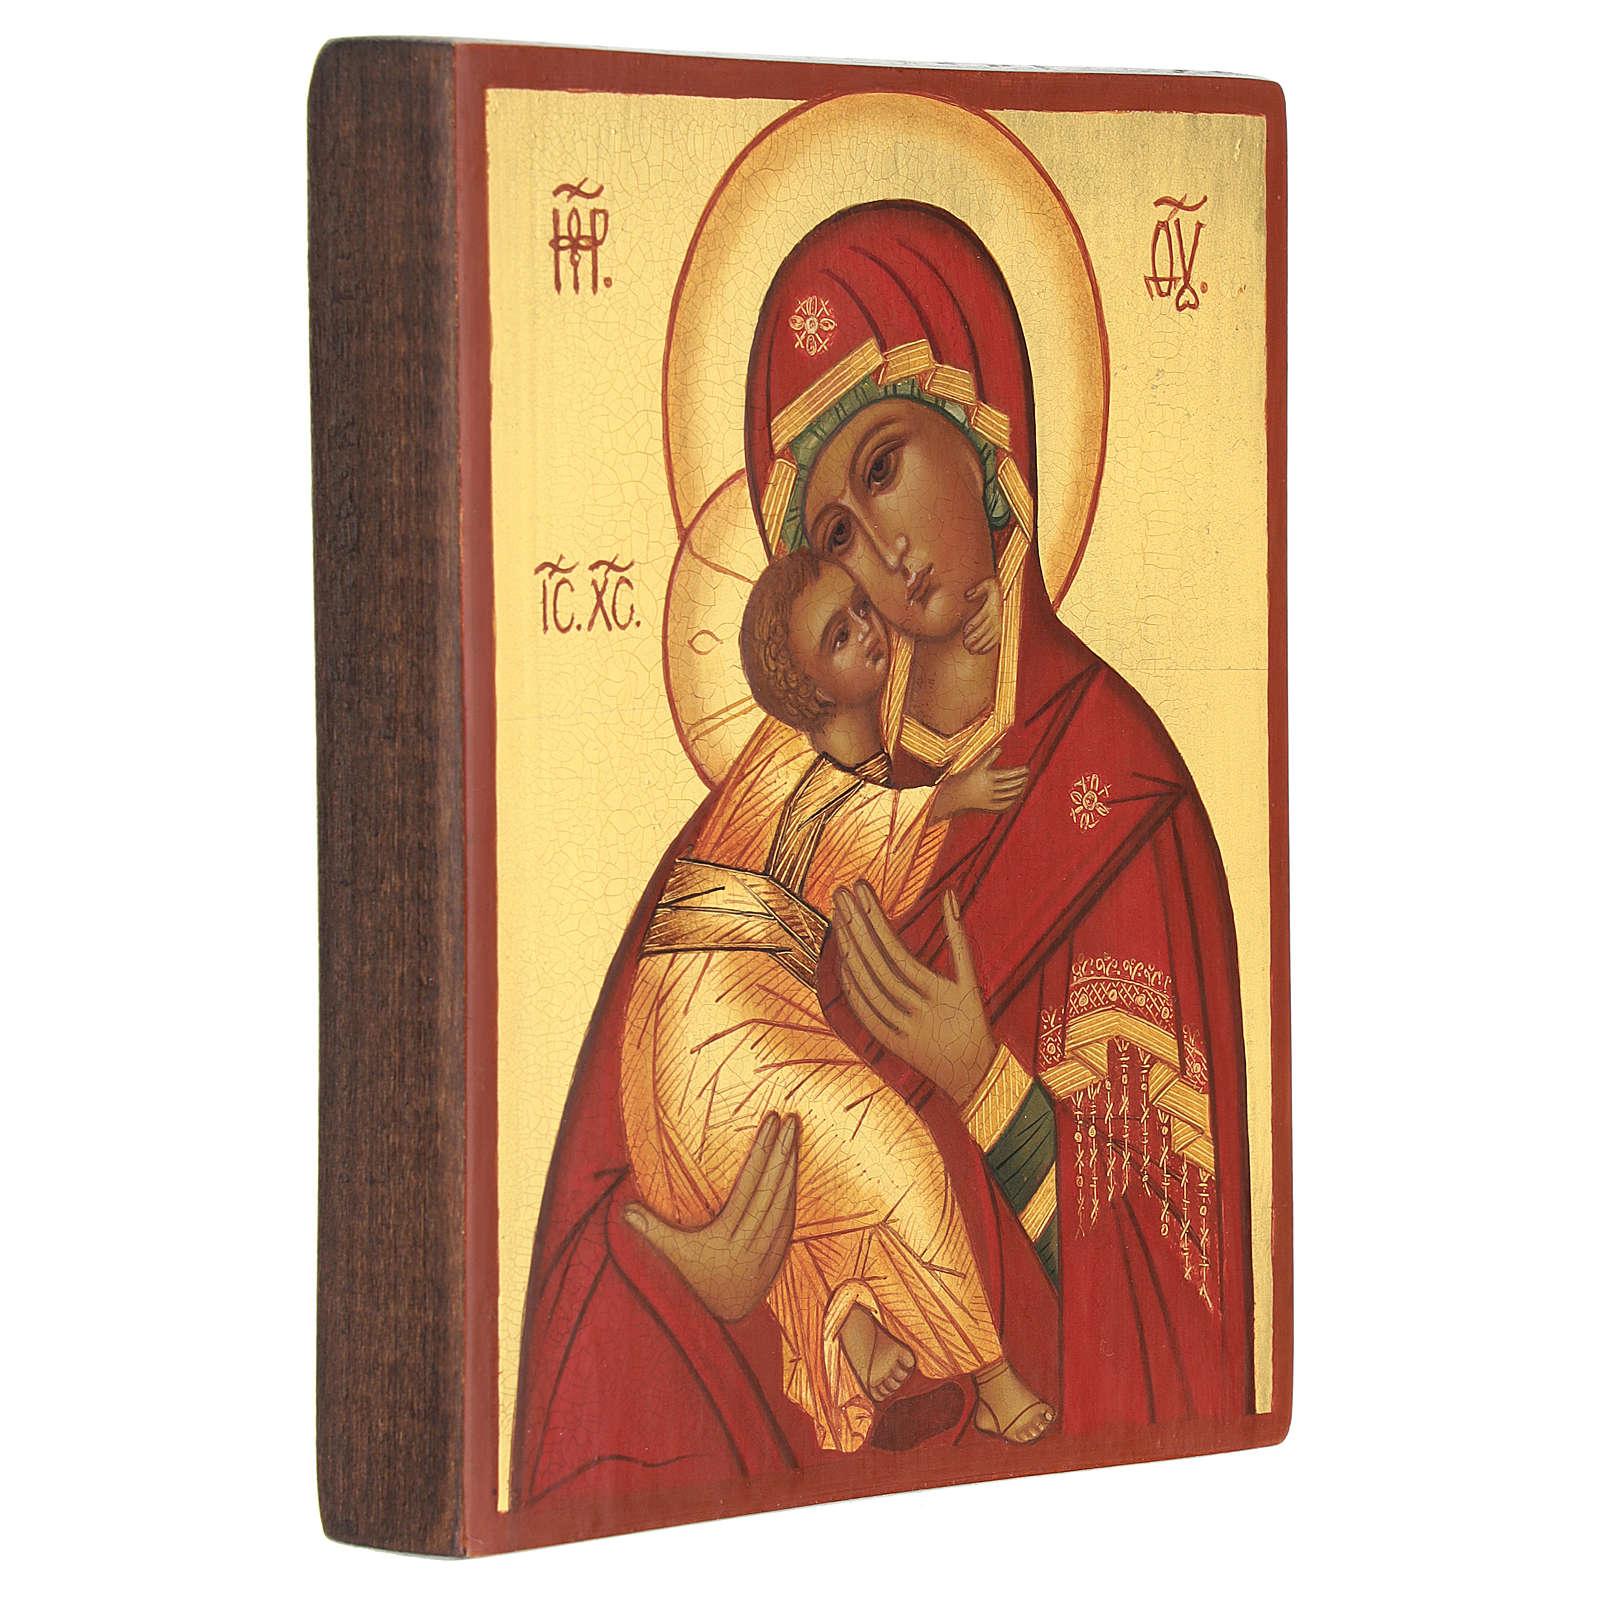 Ícone russo Nossa Senhora de Vladimir manto vermelho 14x11 cm 4